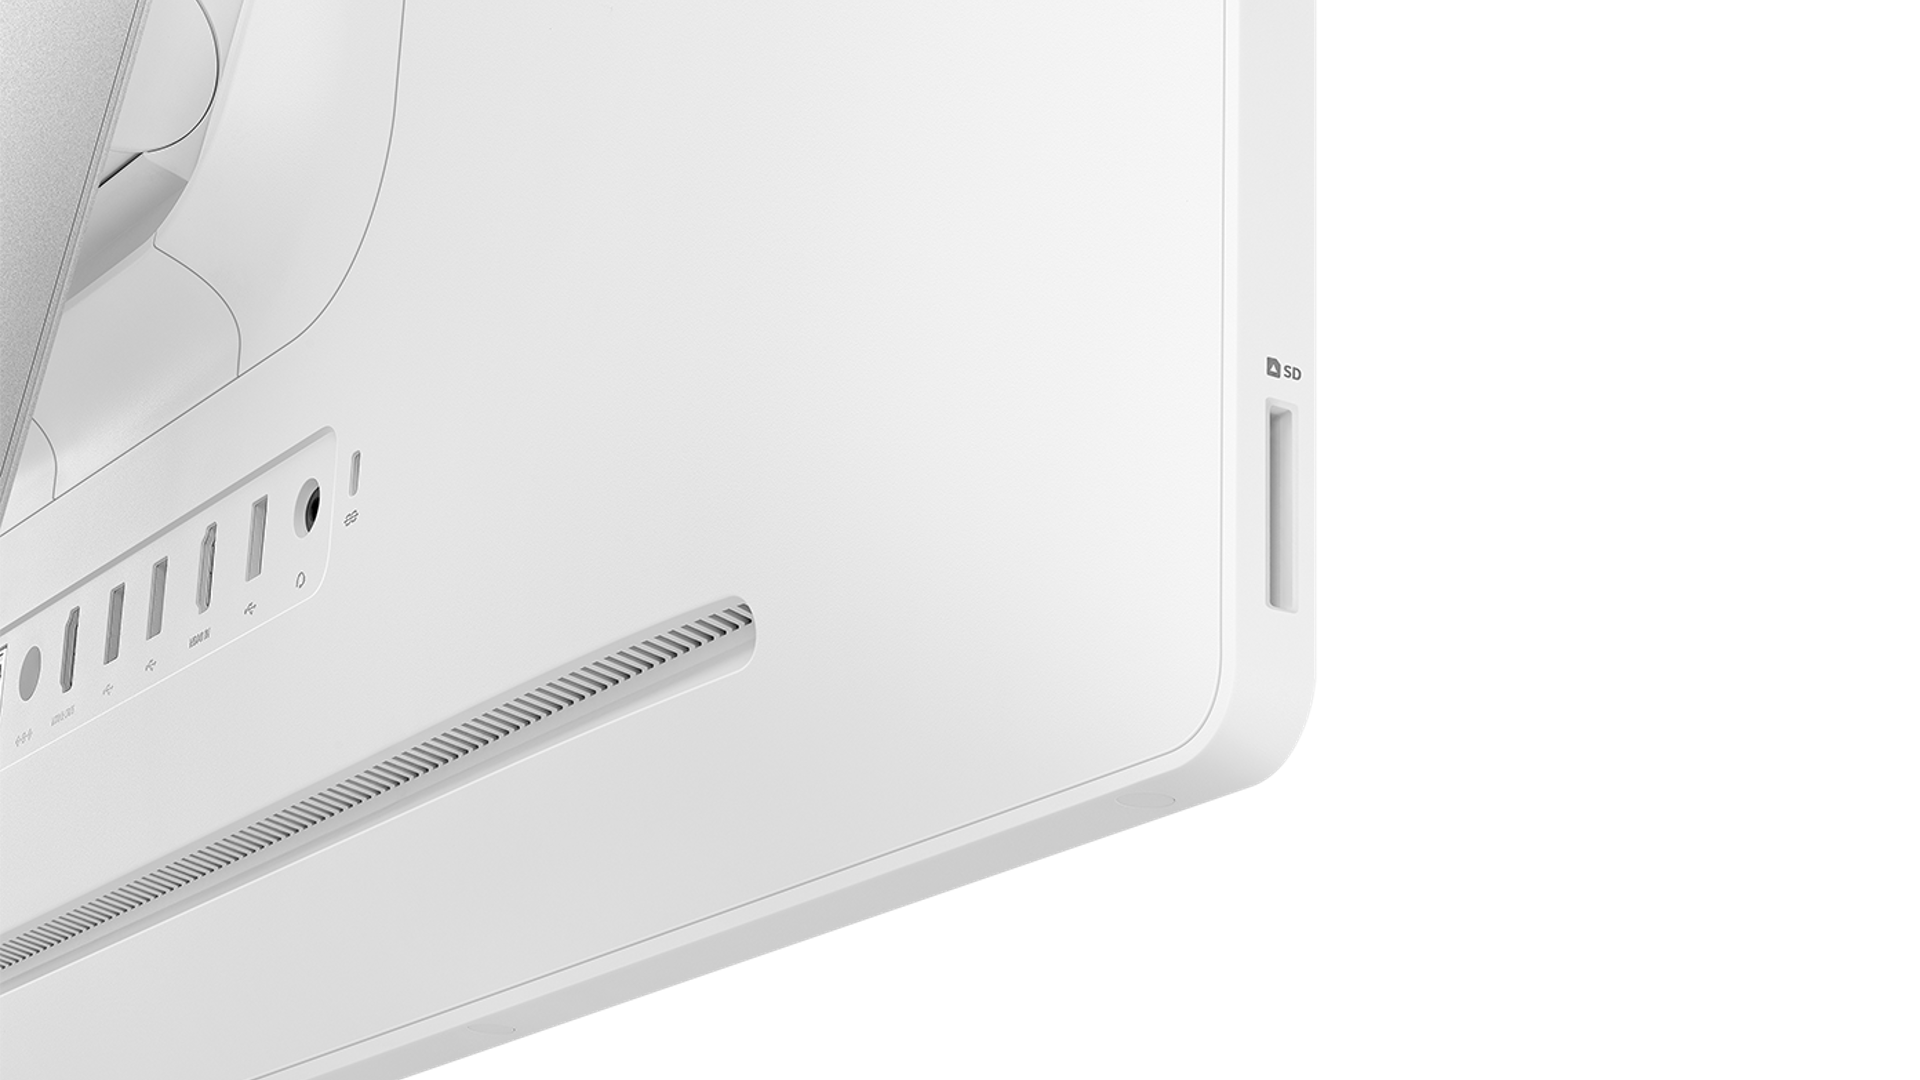 Samsung lança novos pcs all in one com foco no design; veja ficha técnica e preço;